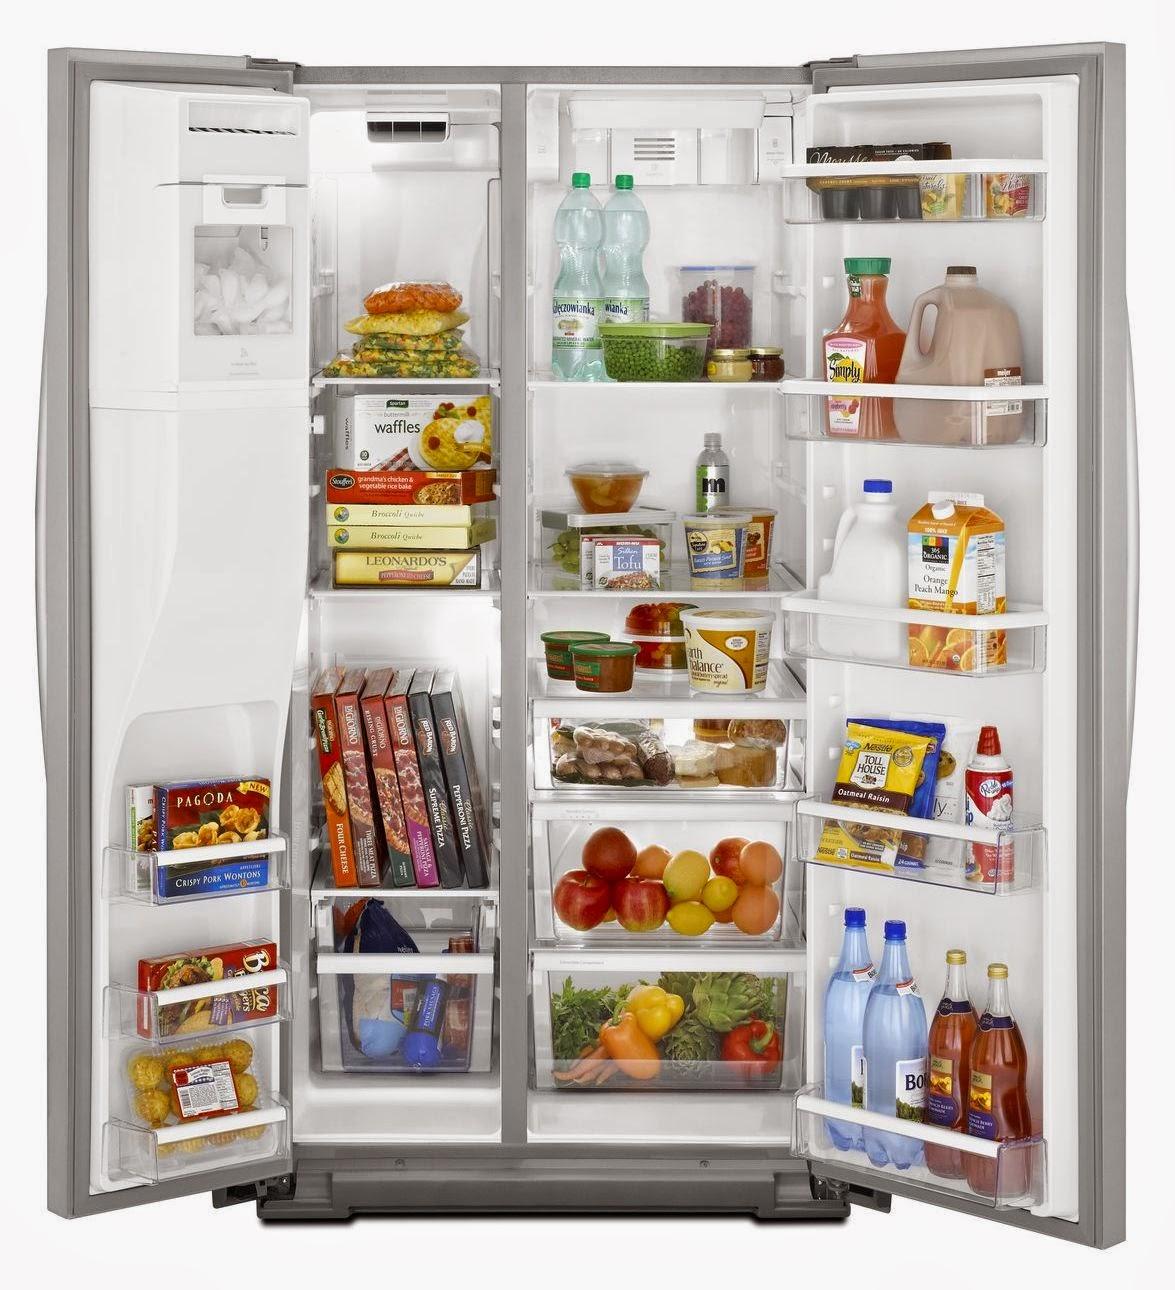 Top Ten Side By Side Refrigerators Whirlpool Refrigerator Brand Wsf26c2exf Whirlpool Side By Side